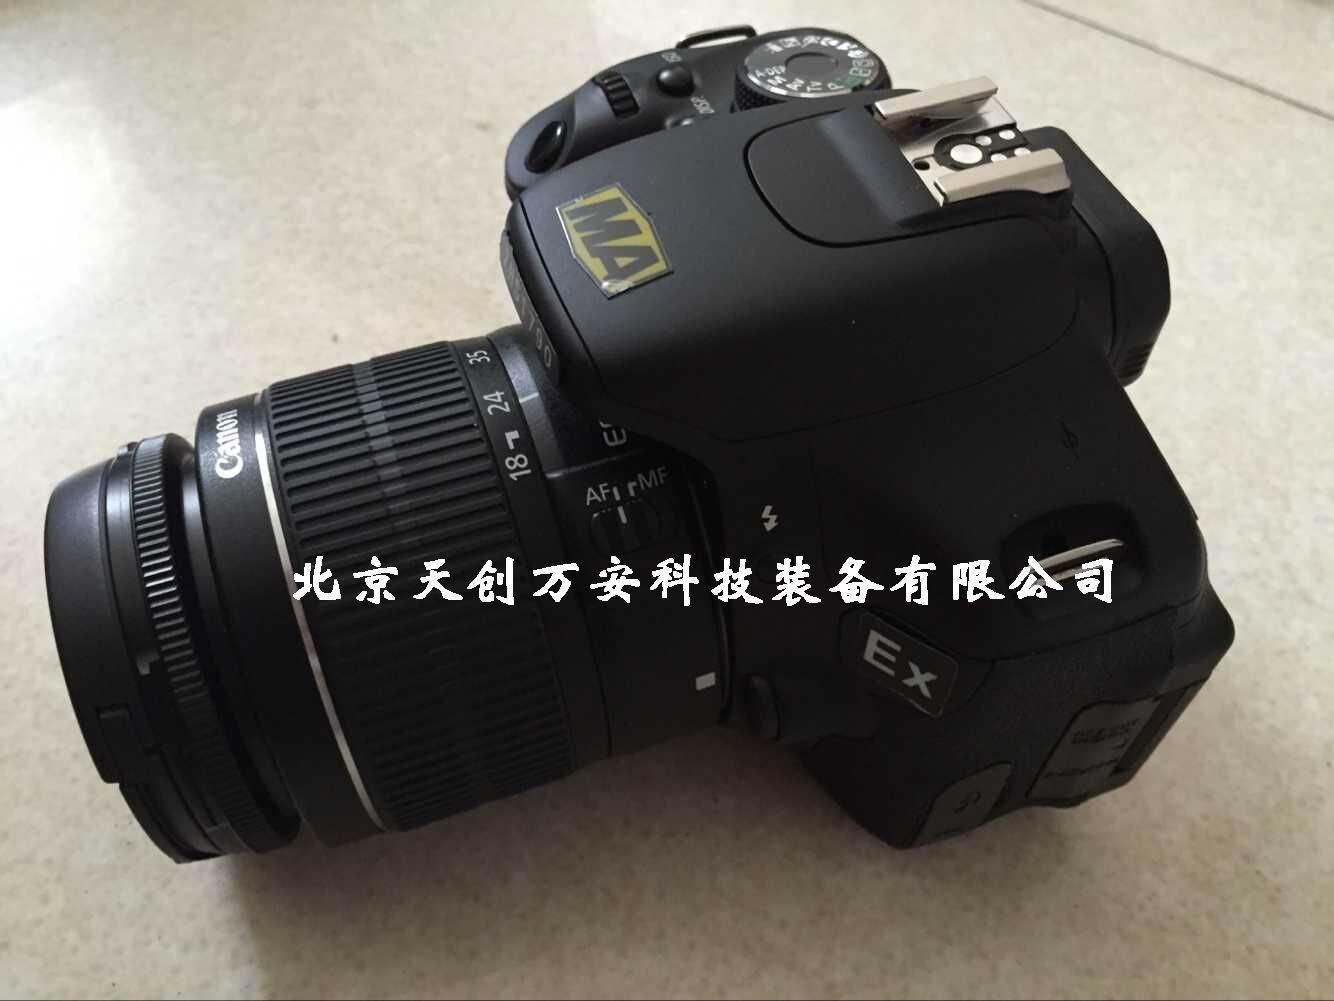 礦用防爆數碼照相機 防爆相機